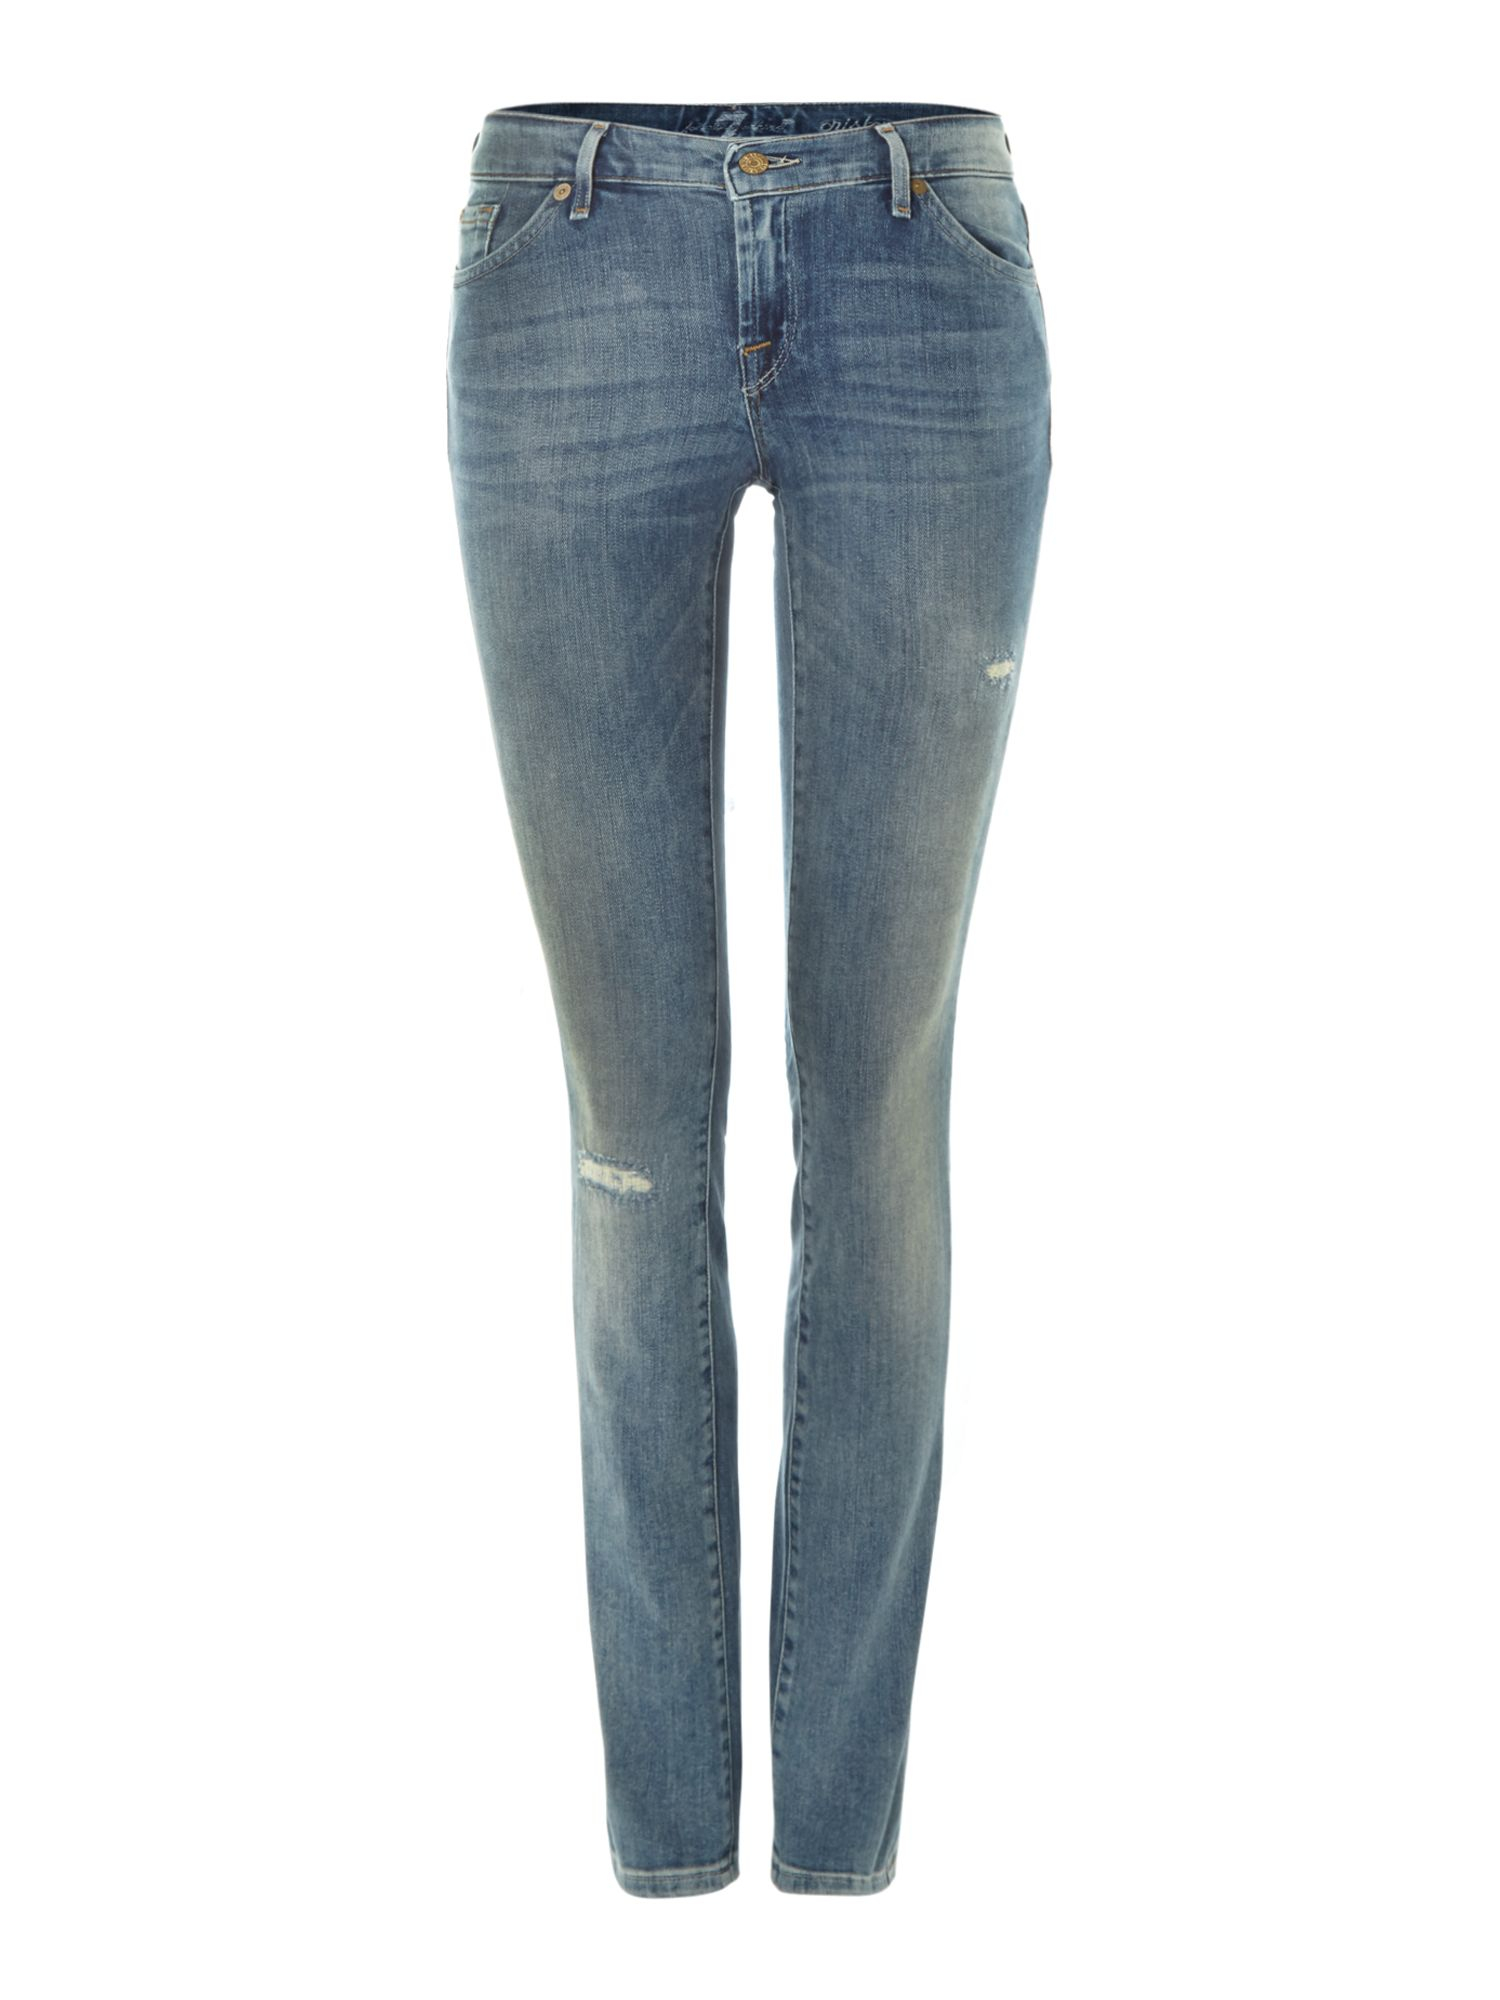 7 for all mankind cristen skinny jeans in light cobalt sky in blue cobalt lyst. Black Bedroom Furniture Sets. Home Design Ideas